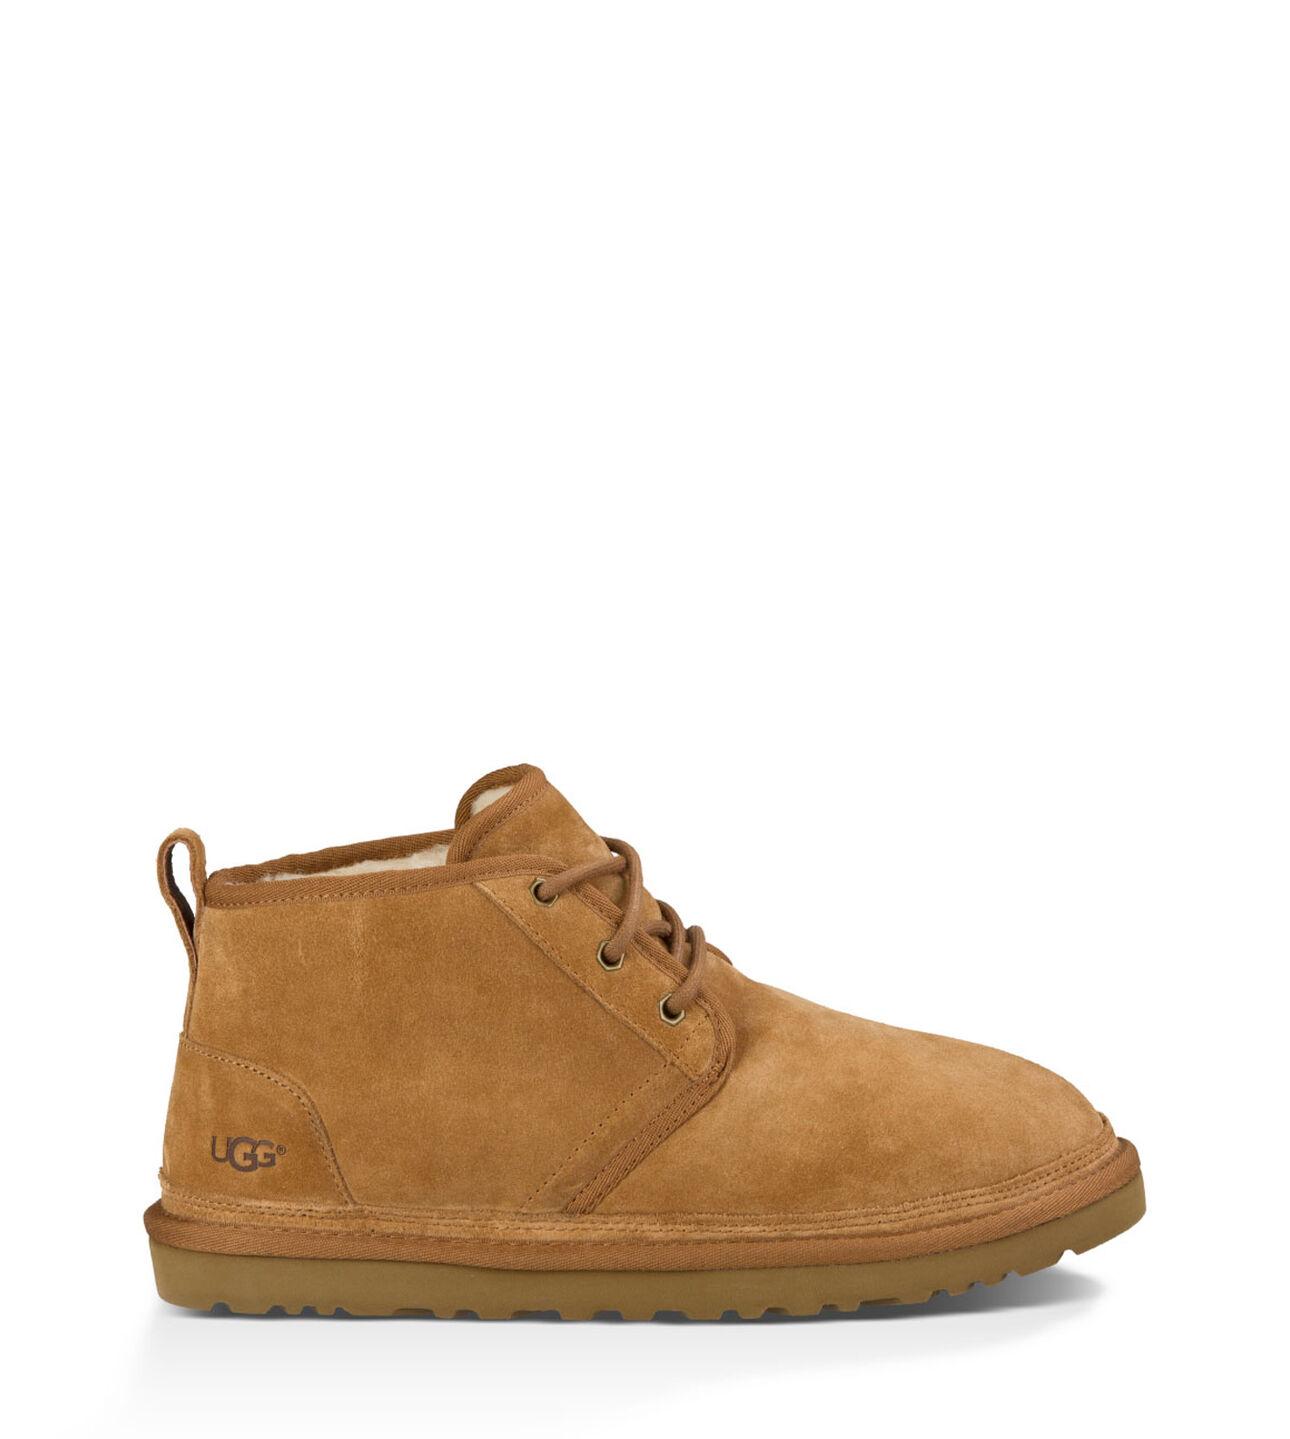 Ugg Shoes For Men